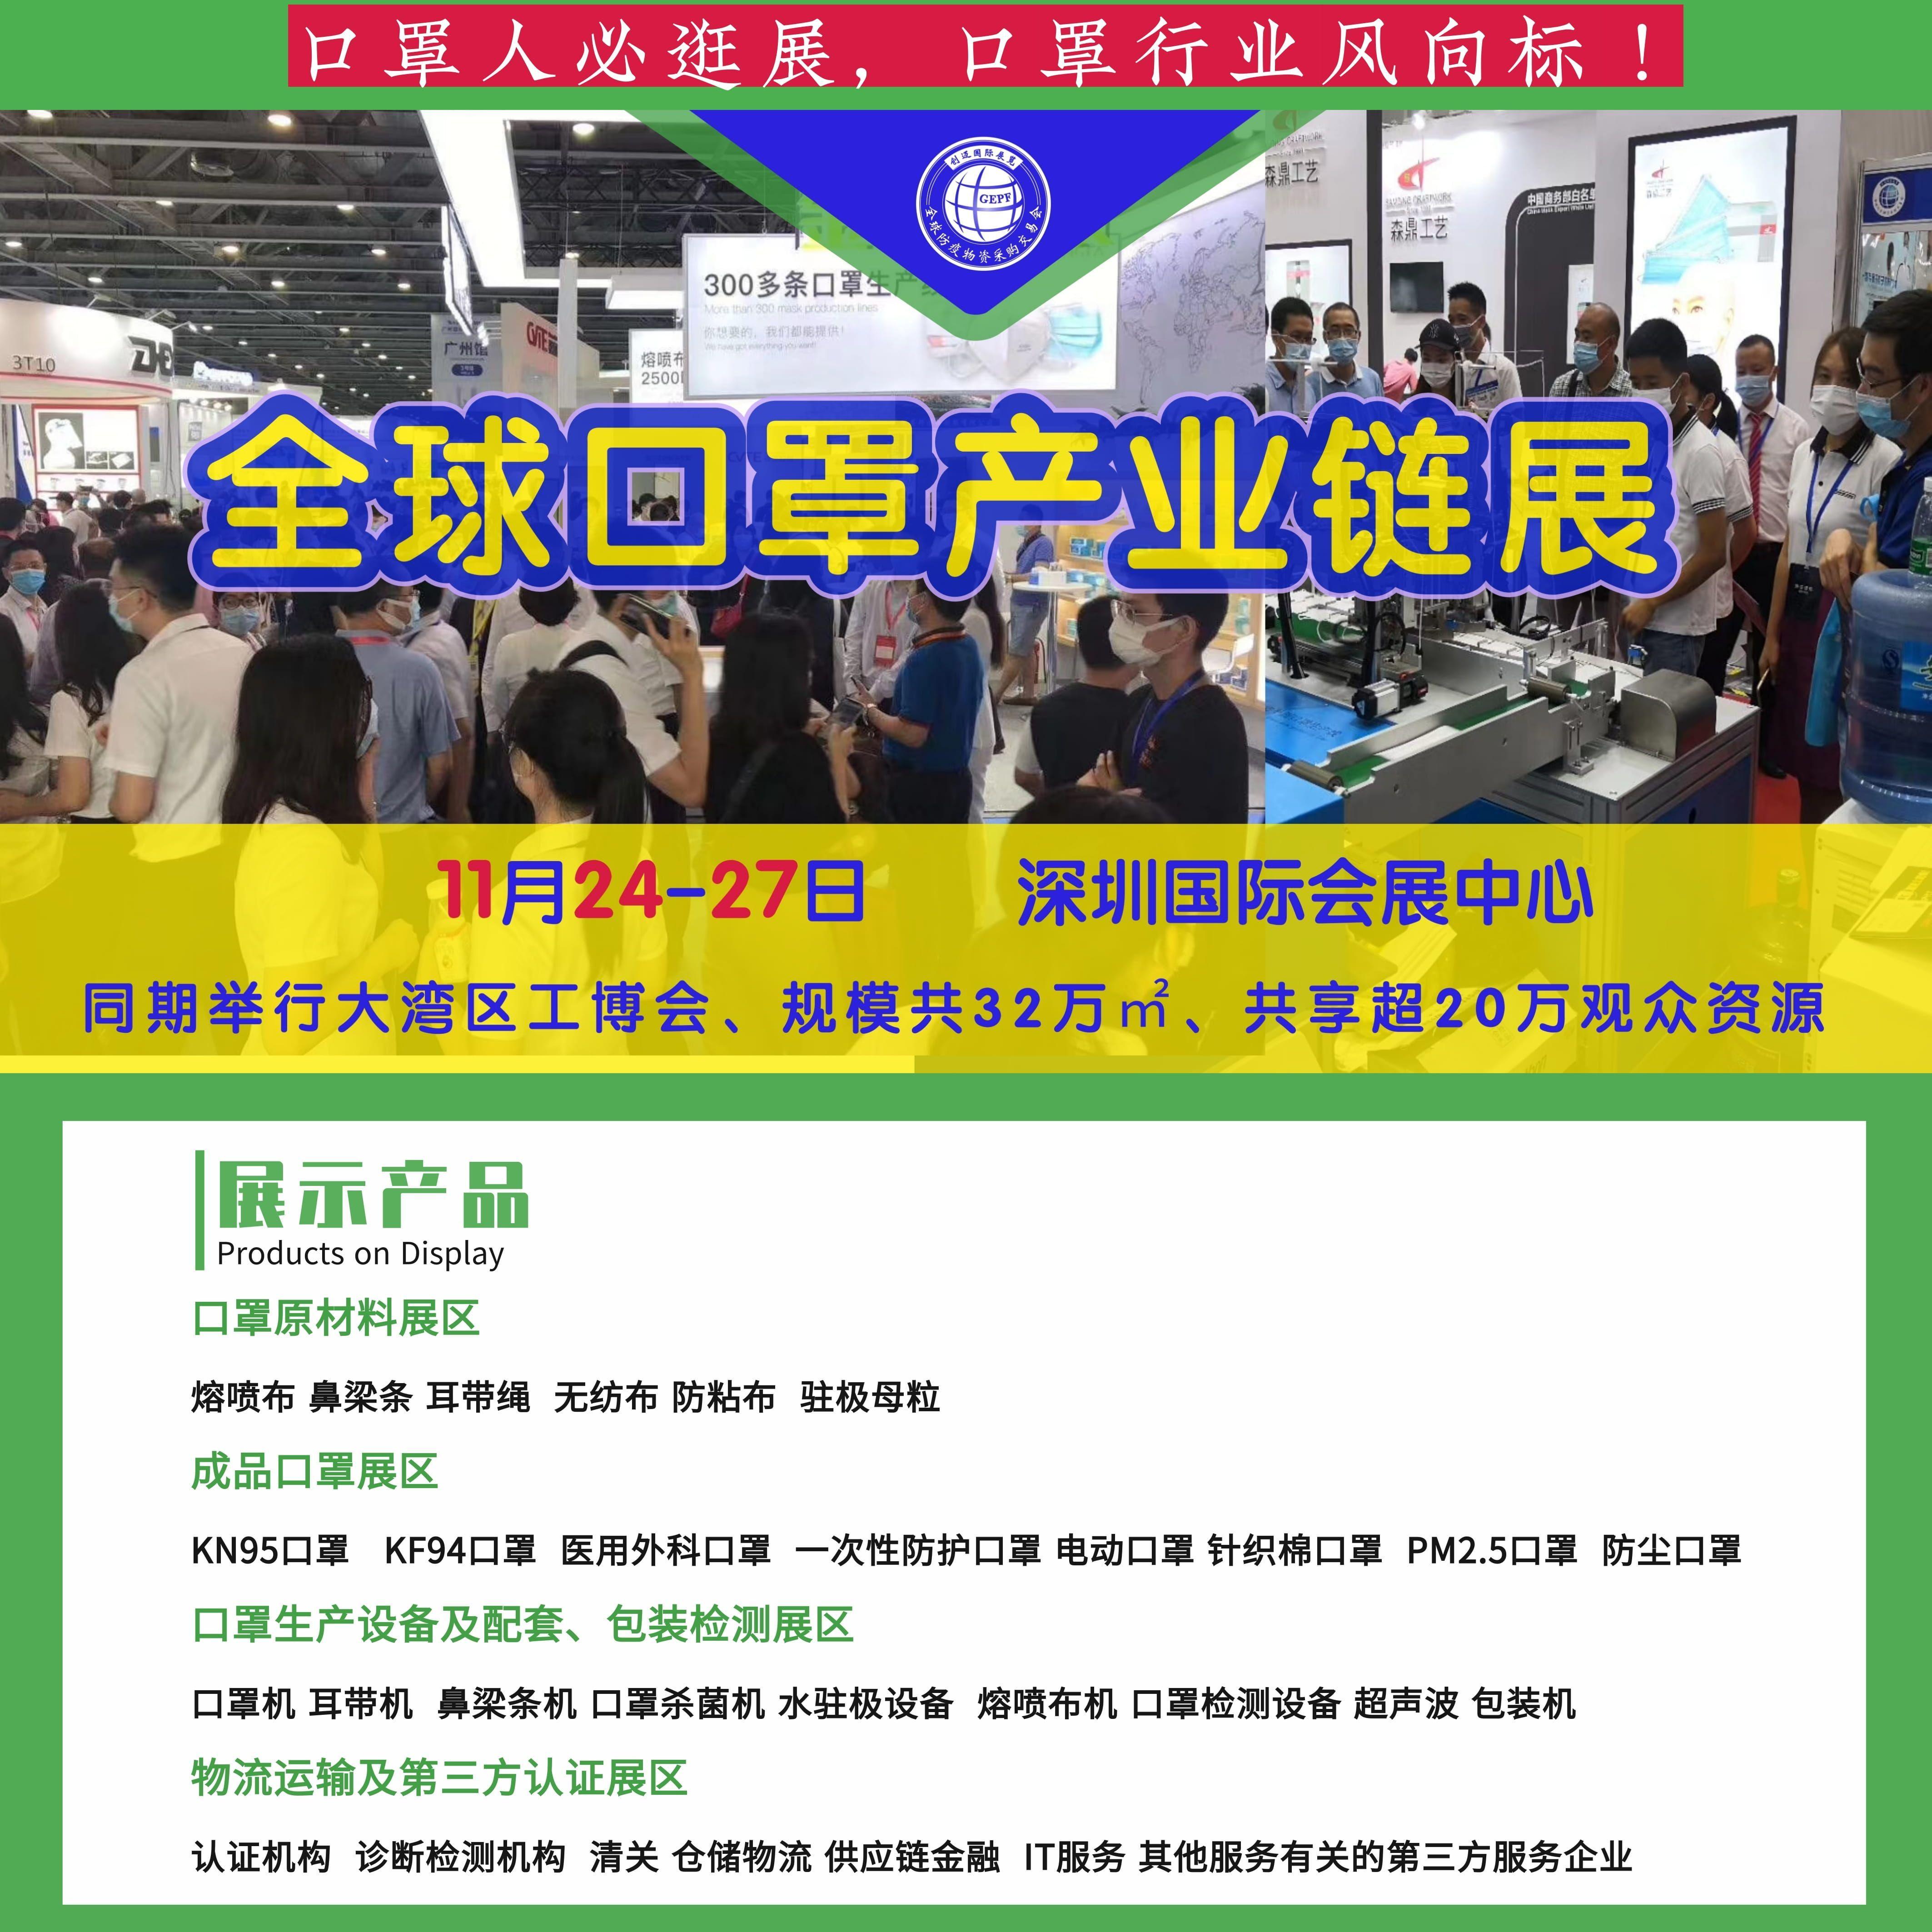 全球口罩产业链展-11月24-27日(深圳国际会展中心)